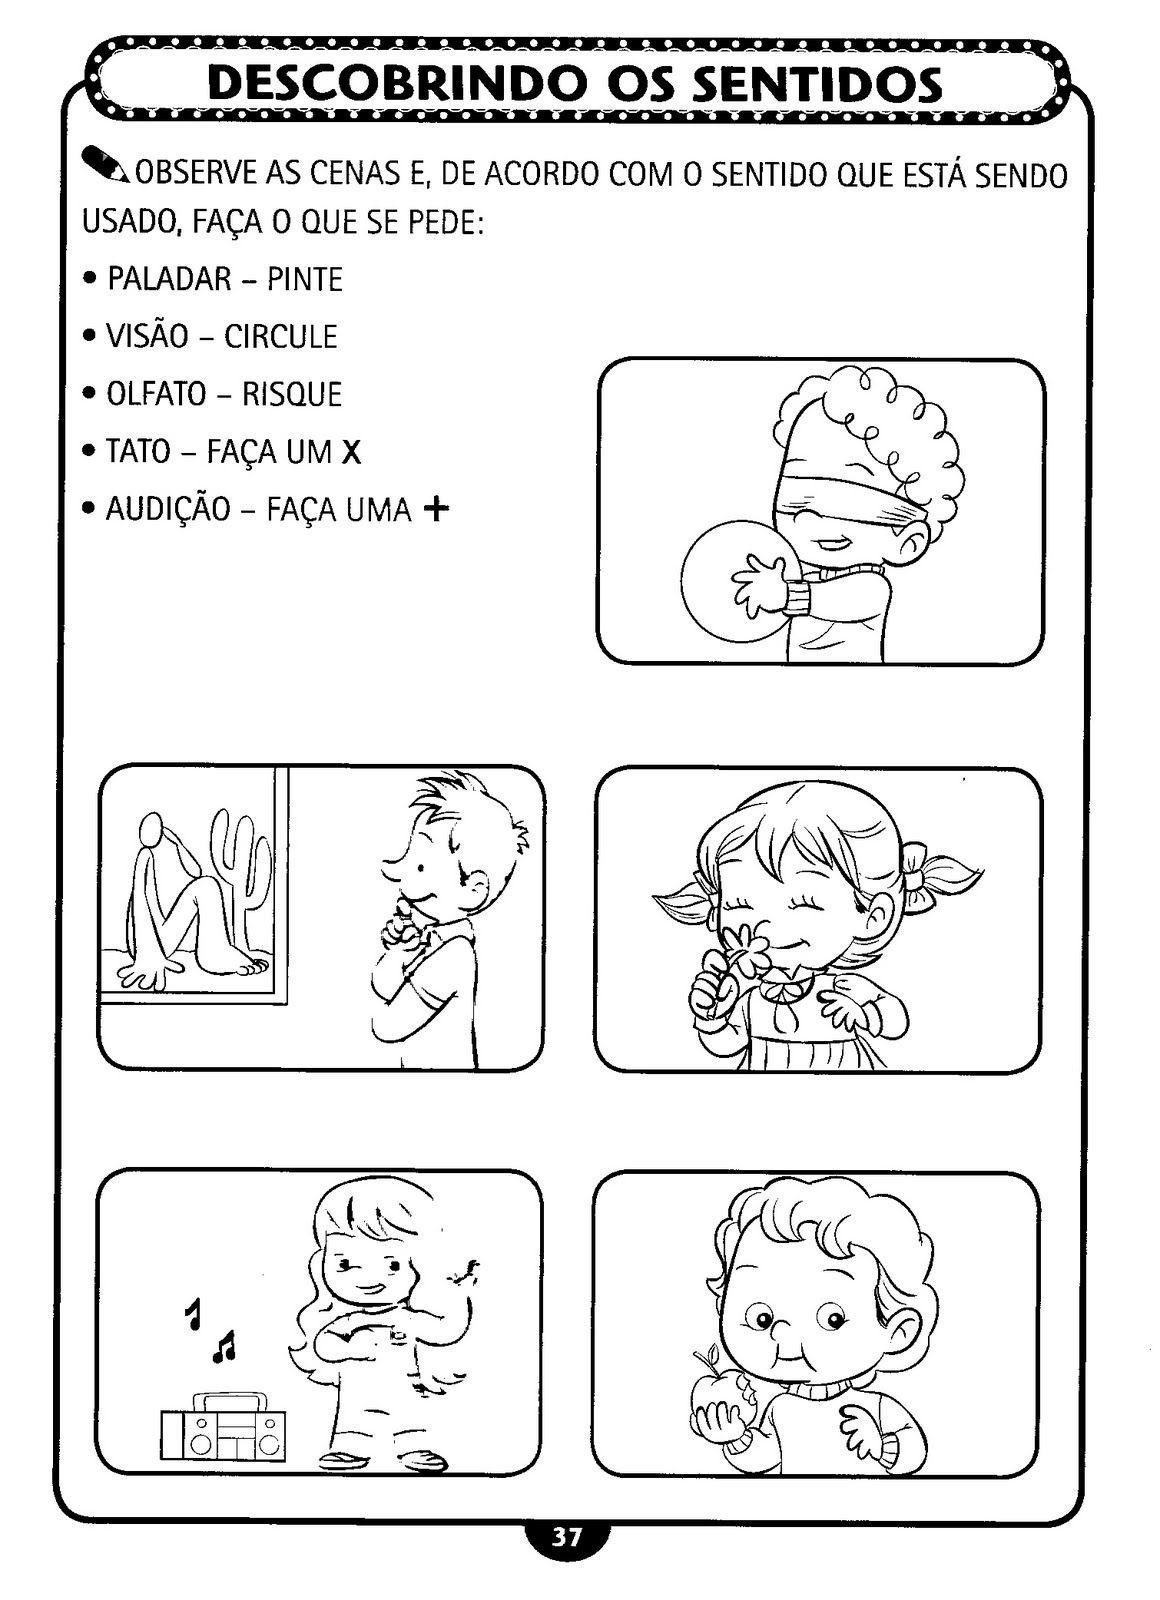 Muitas vezes Alegria de Aprender na Educação Infantil: 5 SENTIDOS VA33